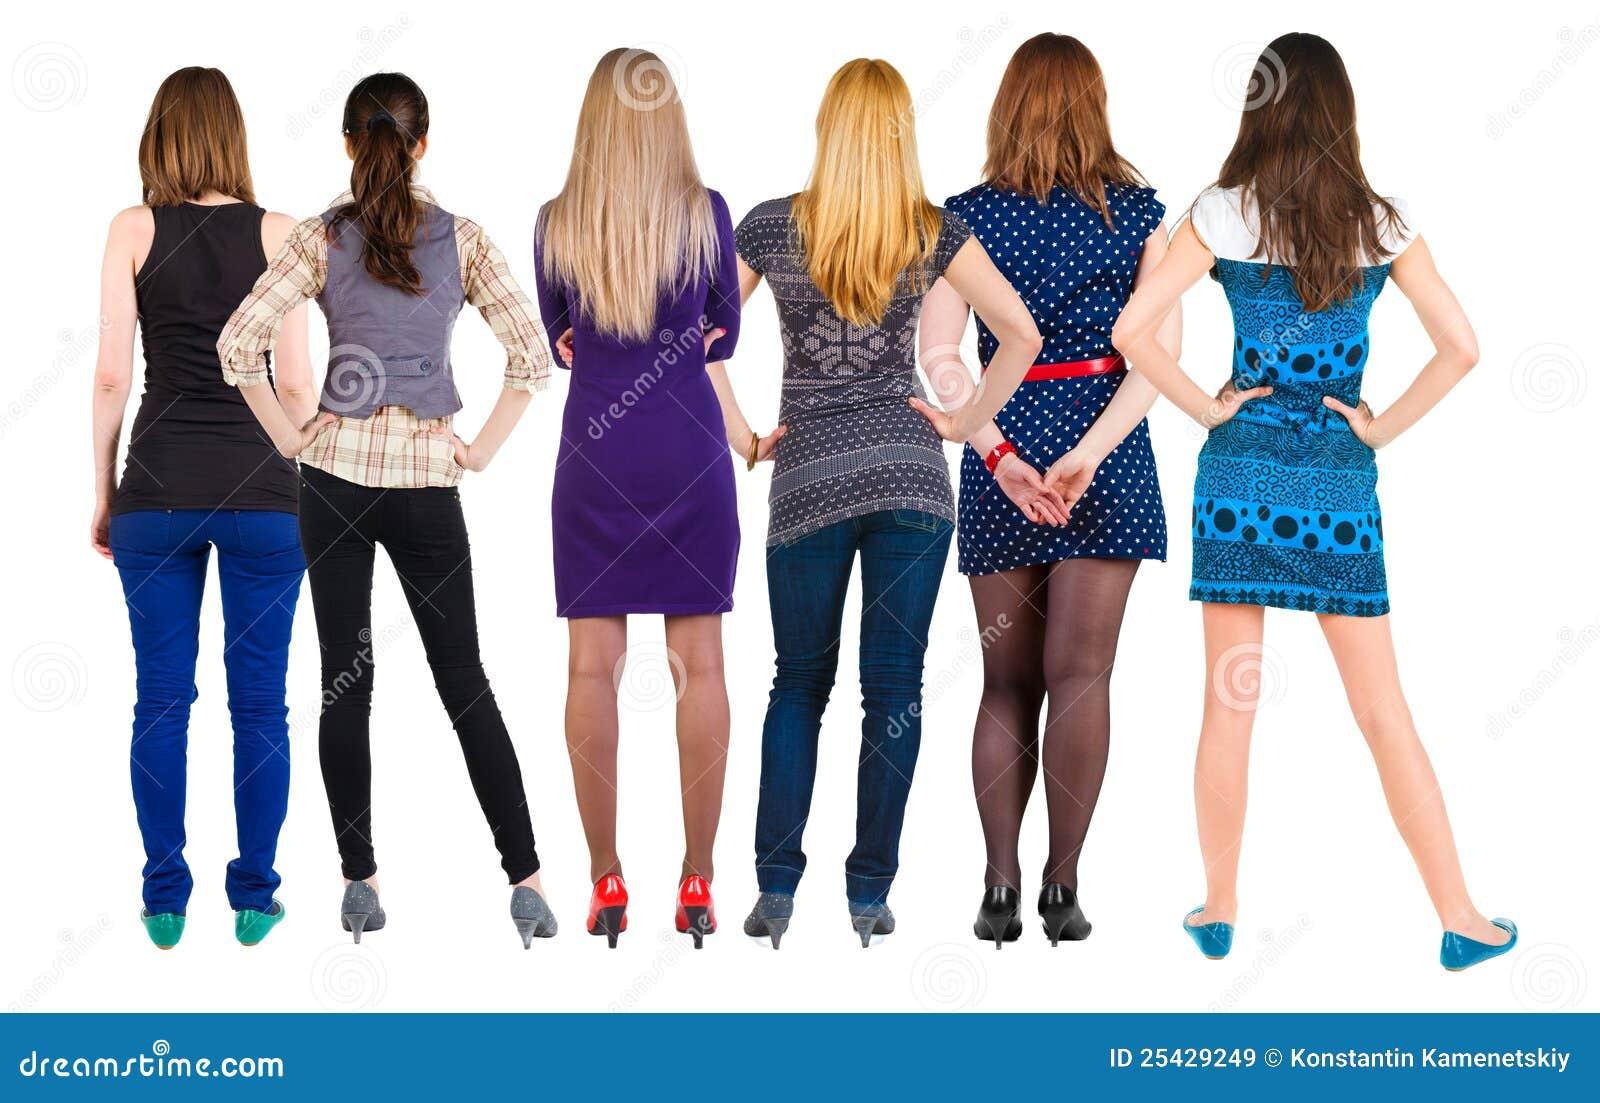 Widok tylna grupowa kobieta